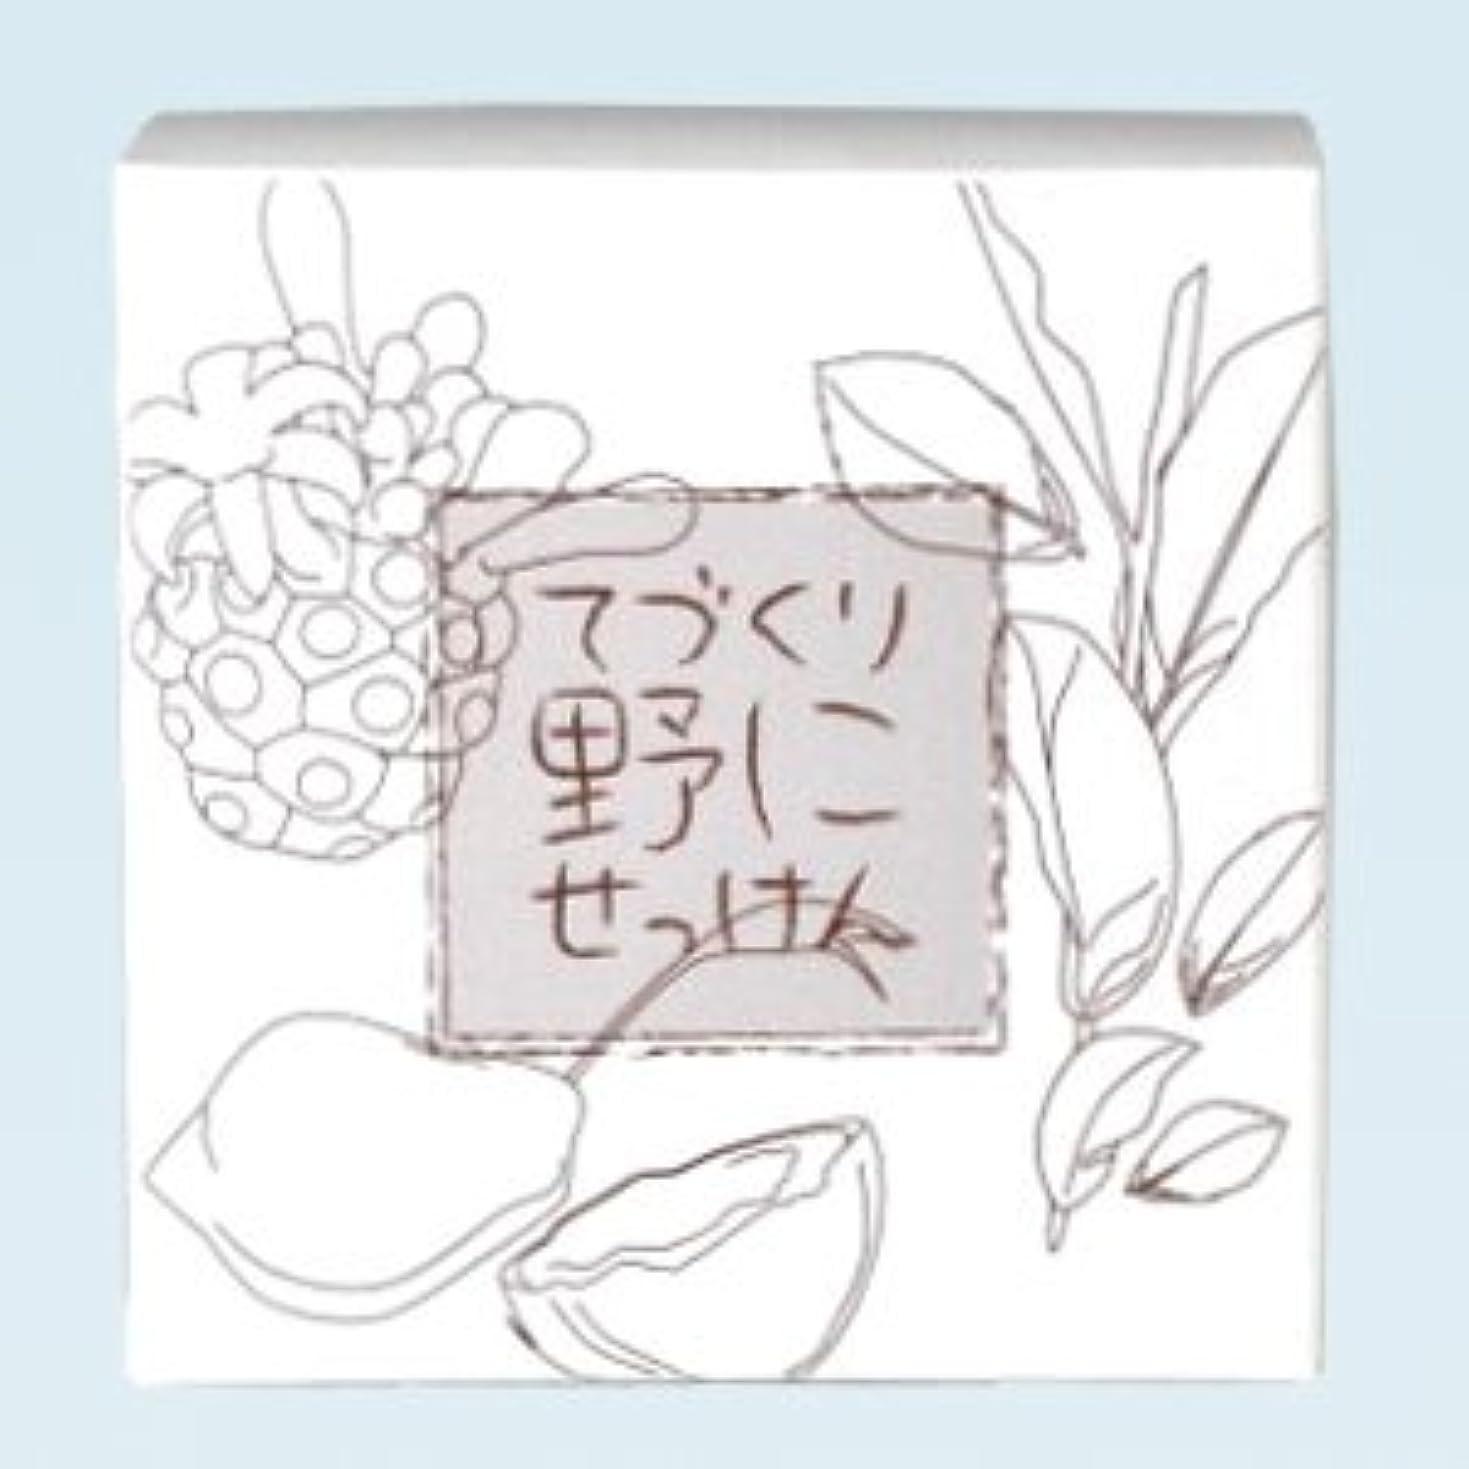 ベストベスト胆嚢緑茶ノニ石鹸 てづくり野にせっけん(115g)